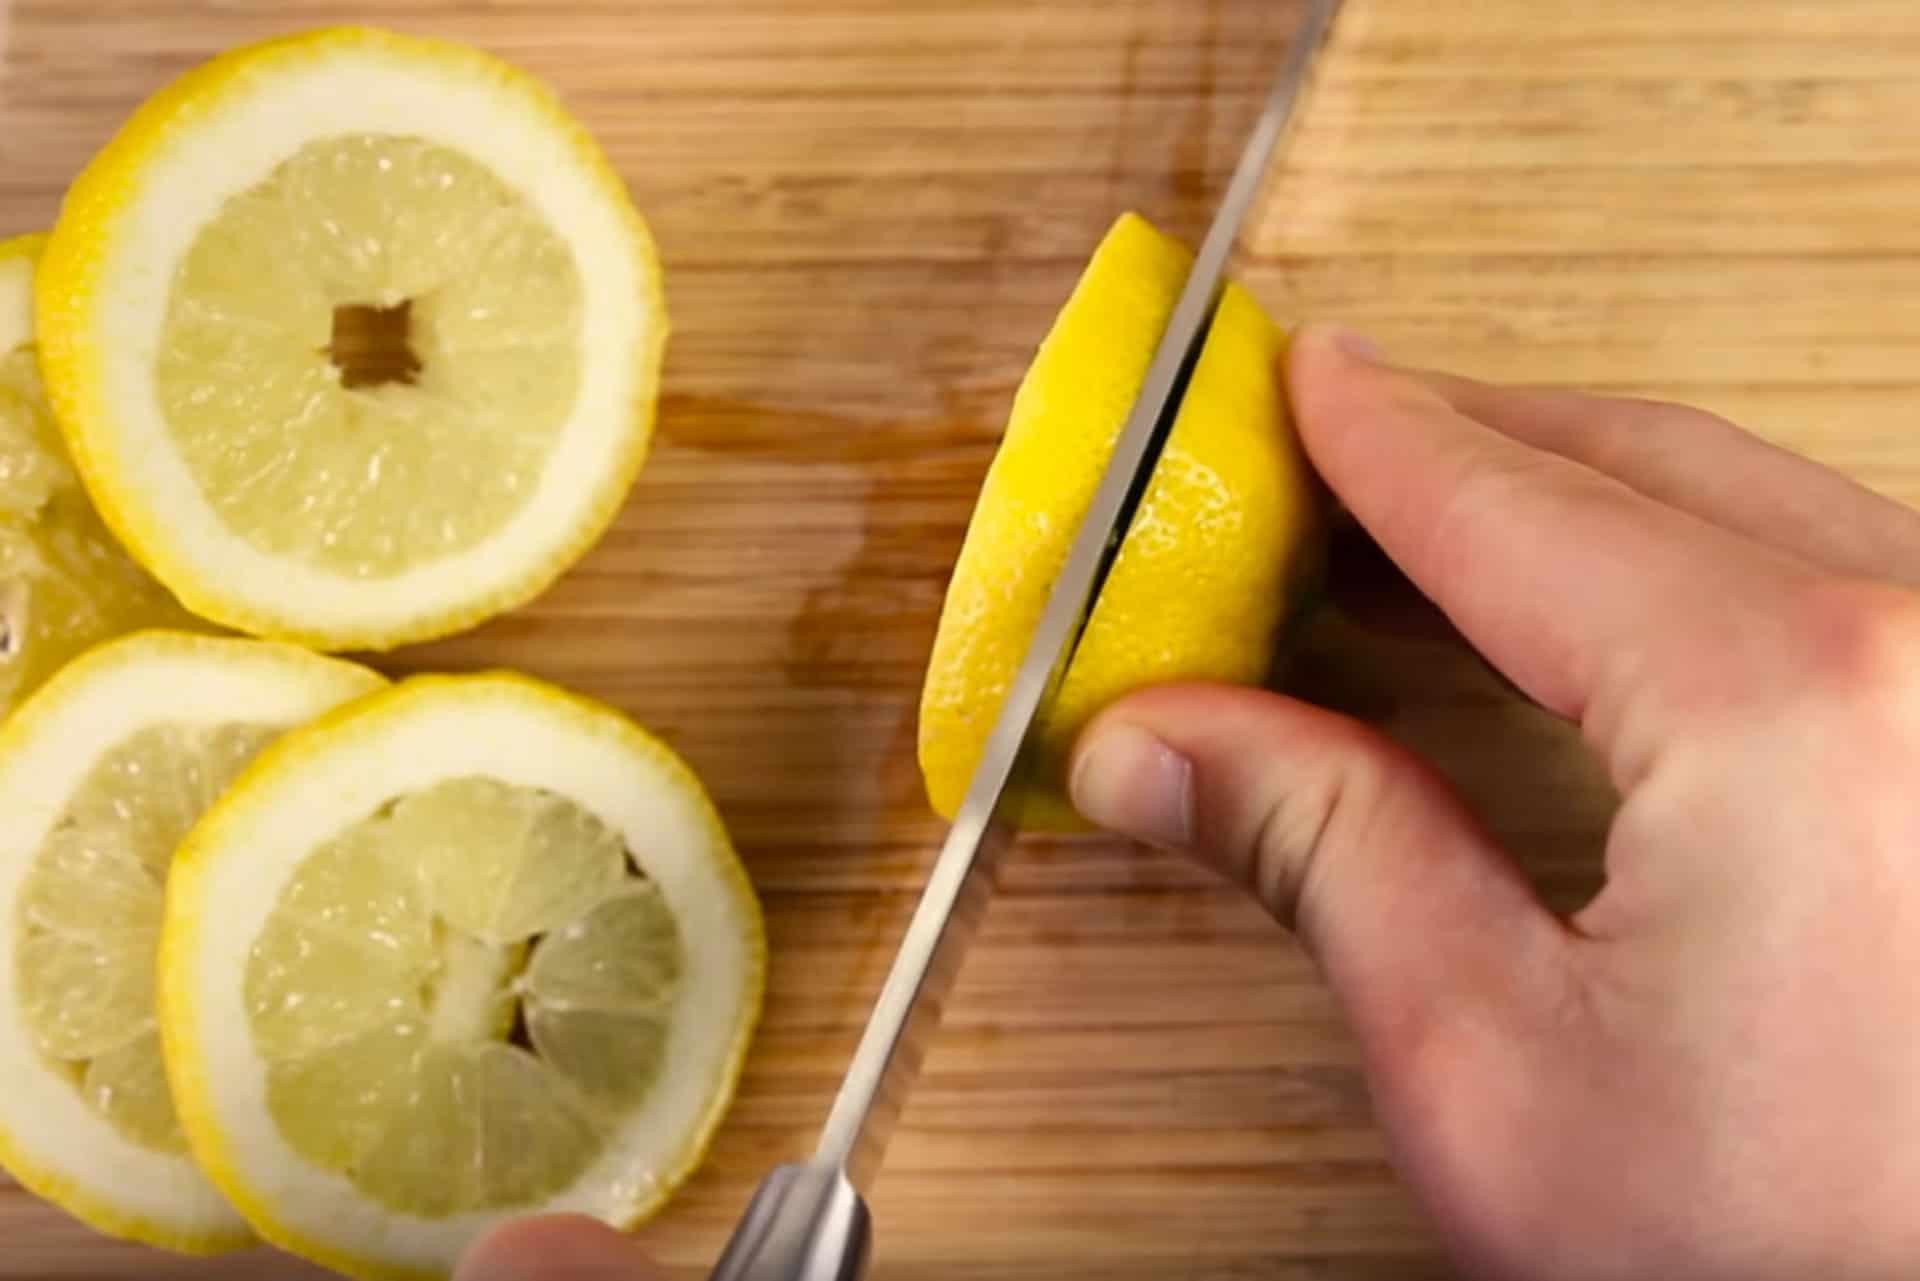 Jemand schneidet Zitronen in Scheiben